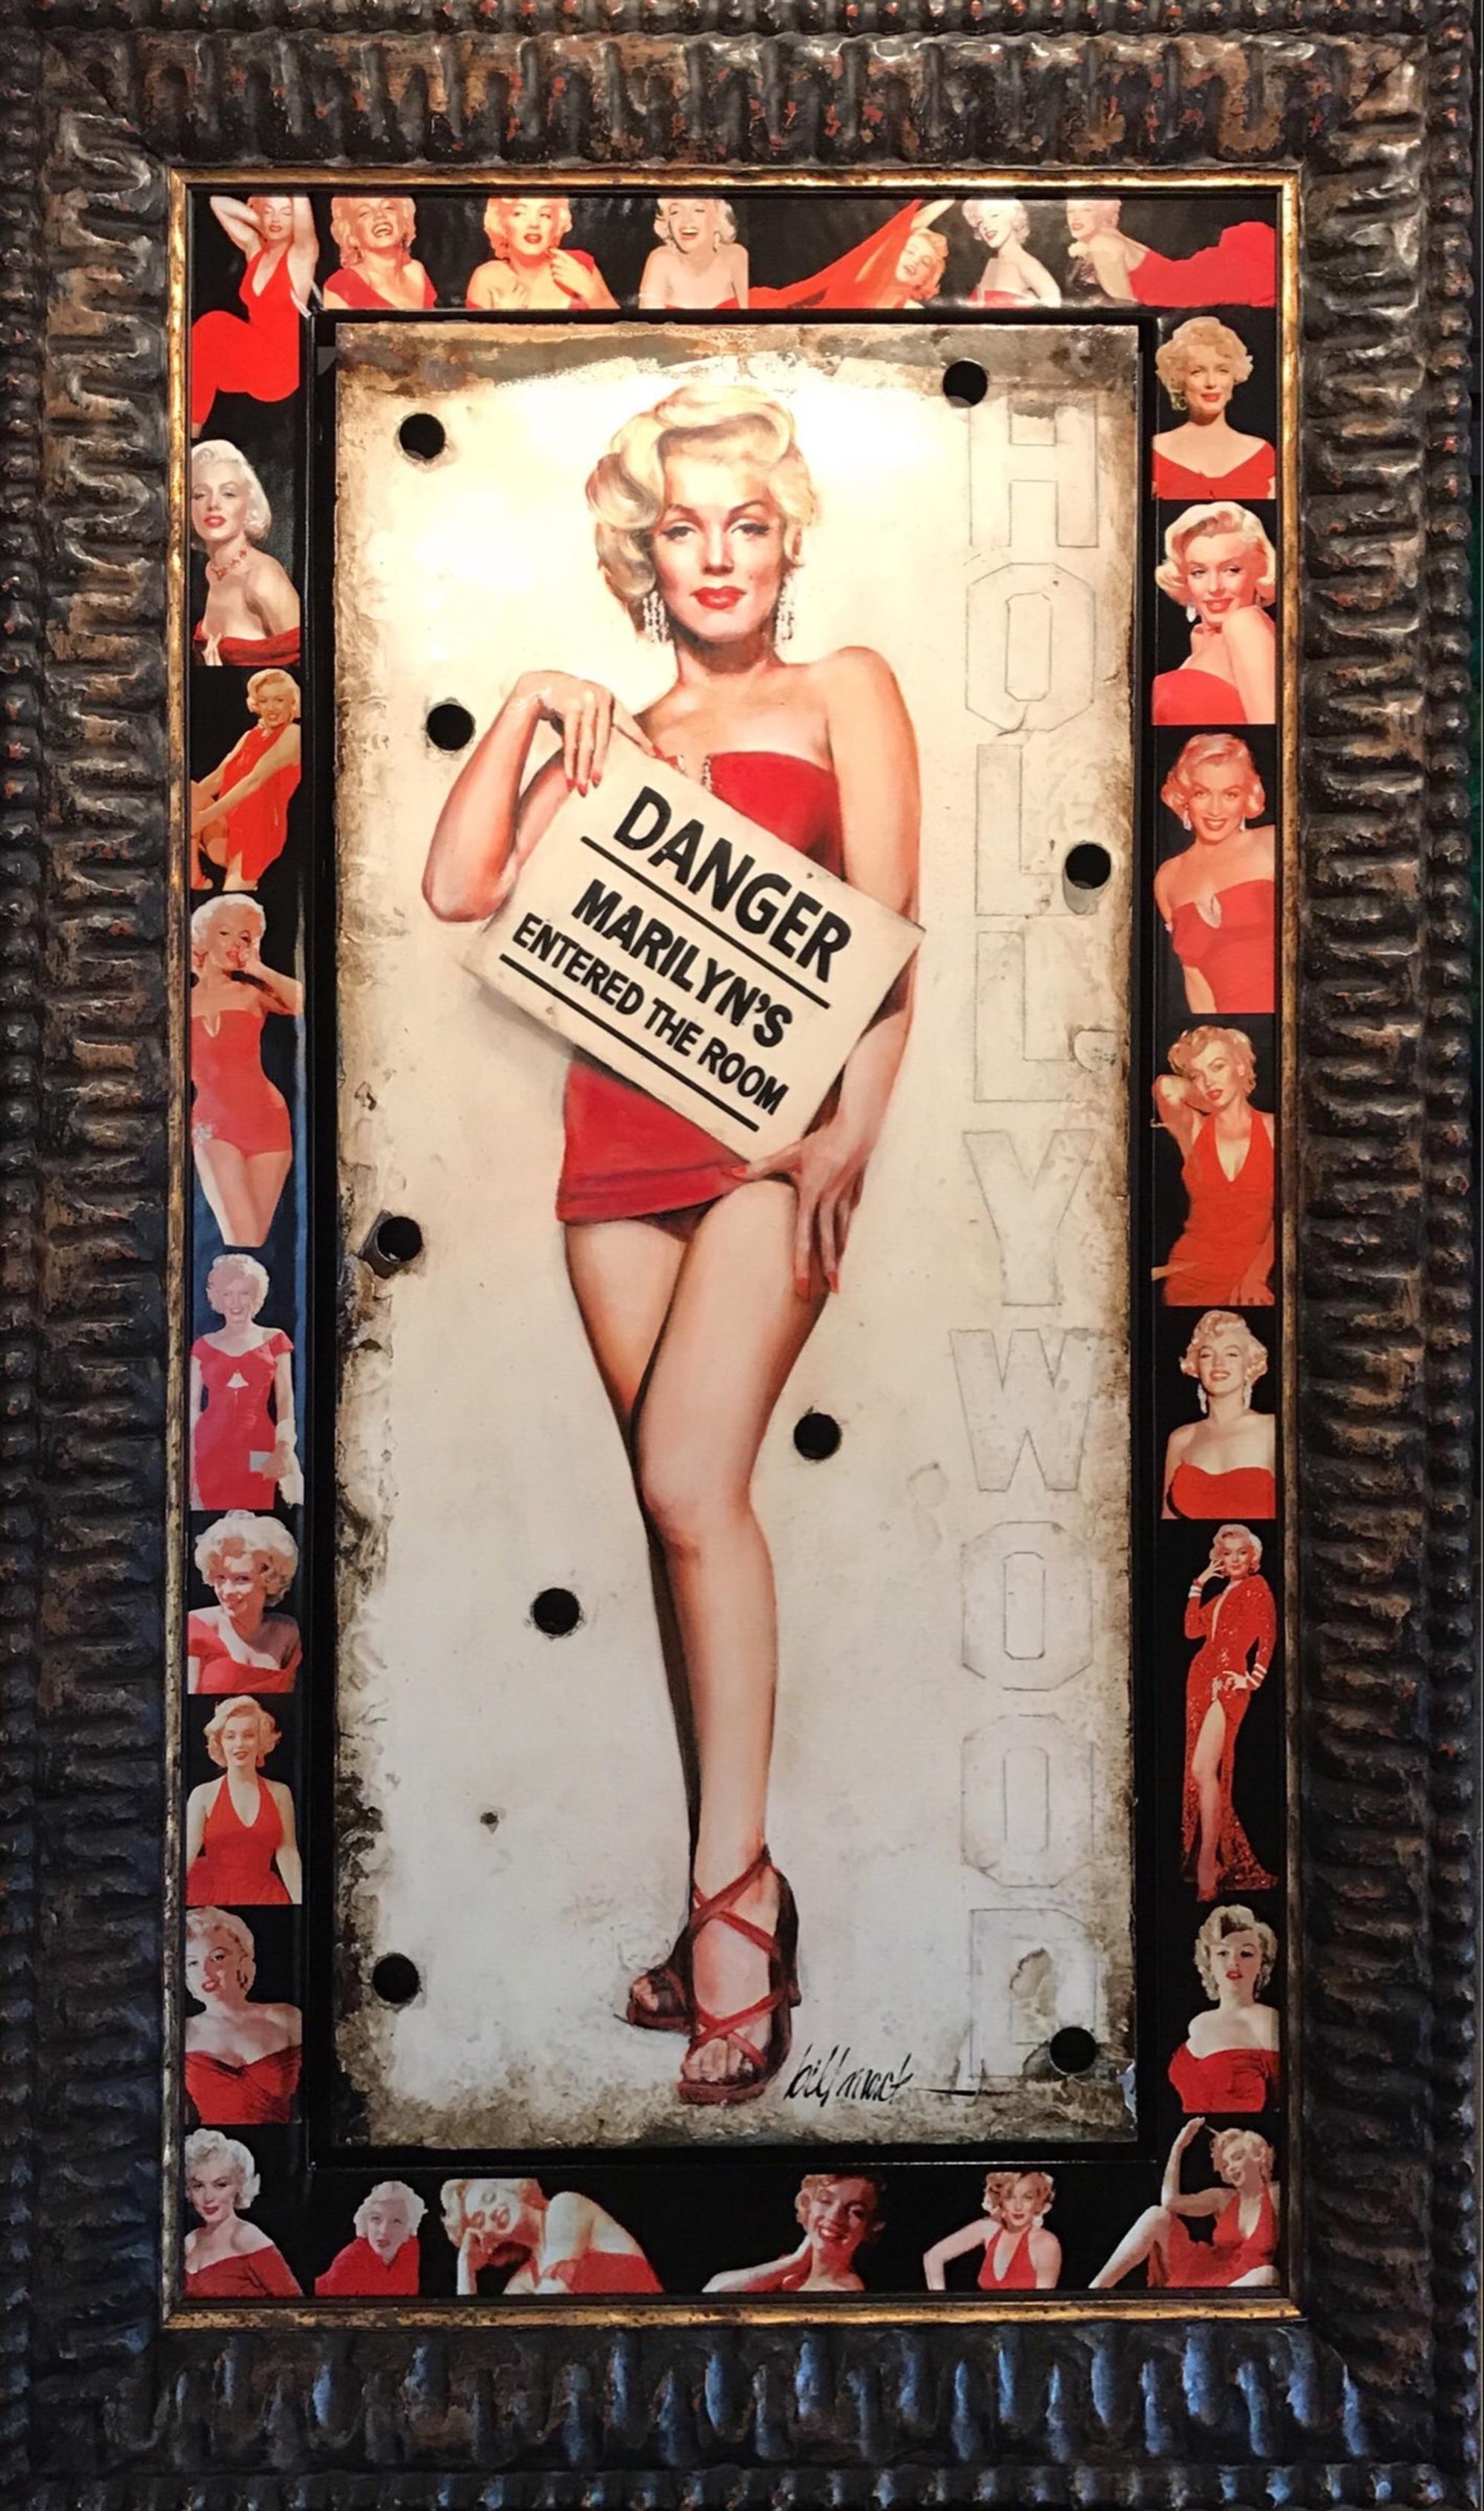 Danger Marilyn by Bill Mack